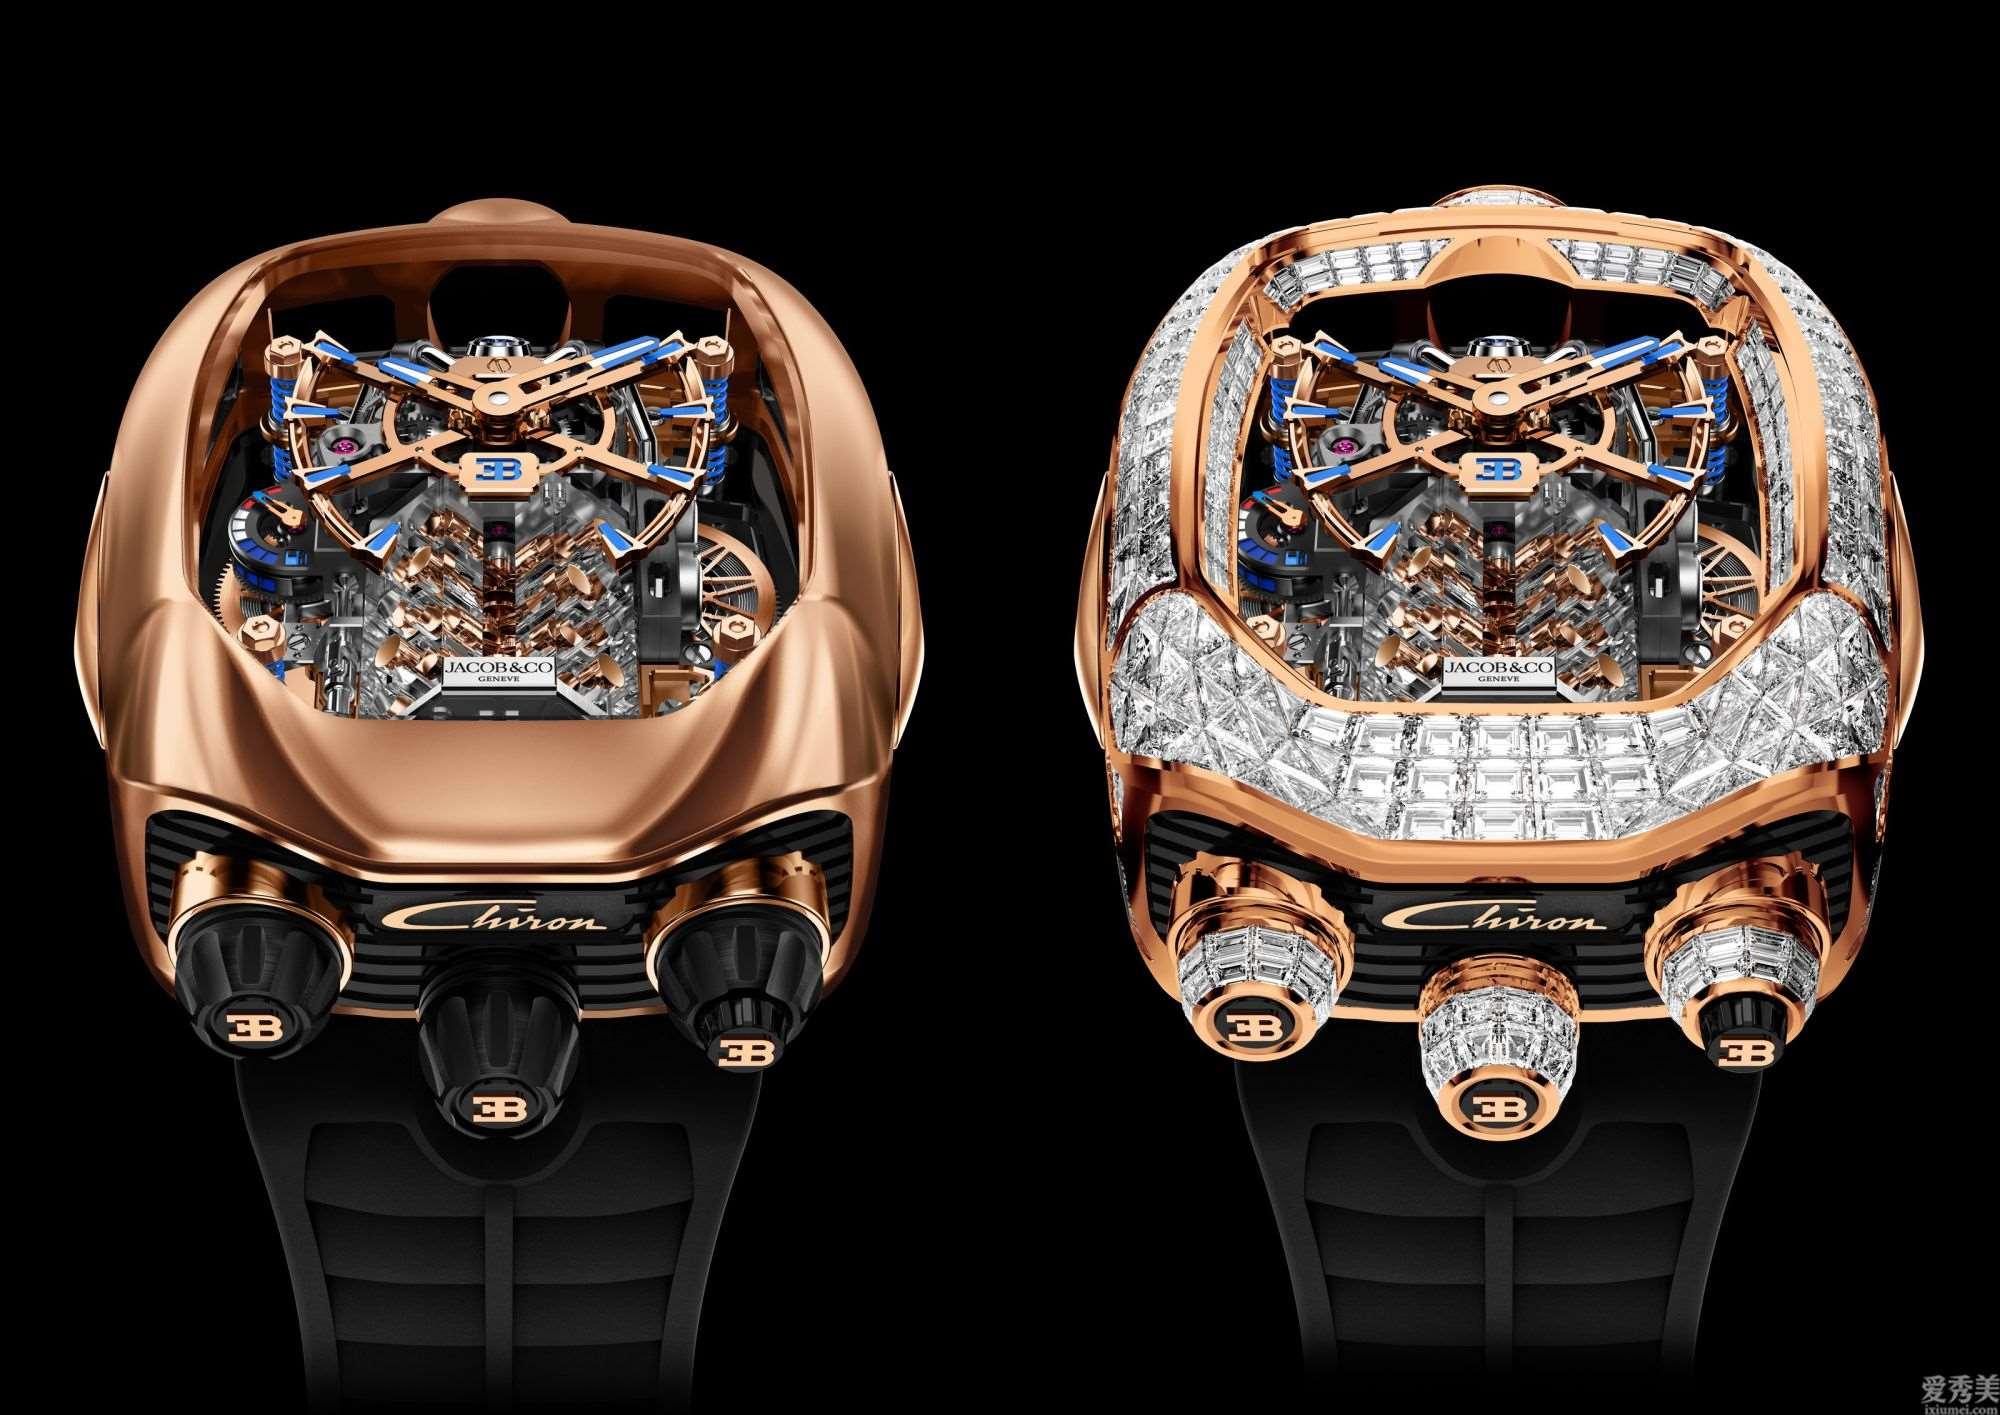 比绝大多数汽车还贵的布加迪Chiron陀飞轮手表,简直是艺术品